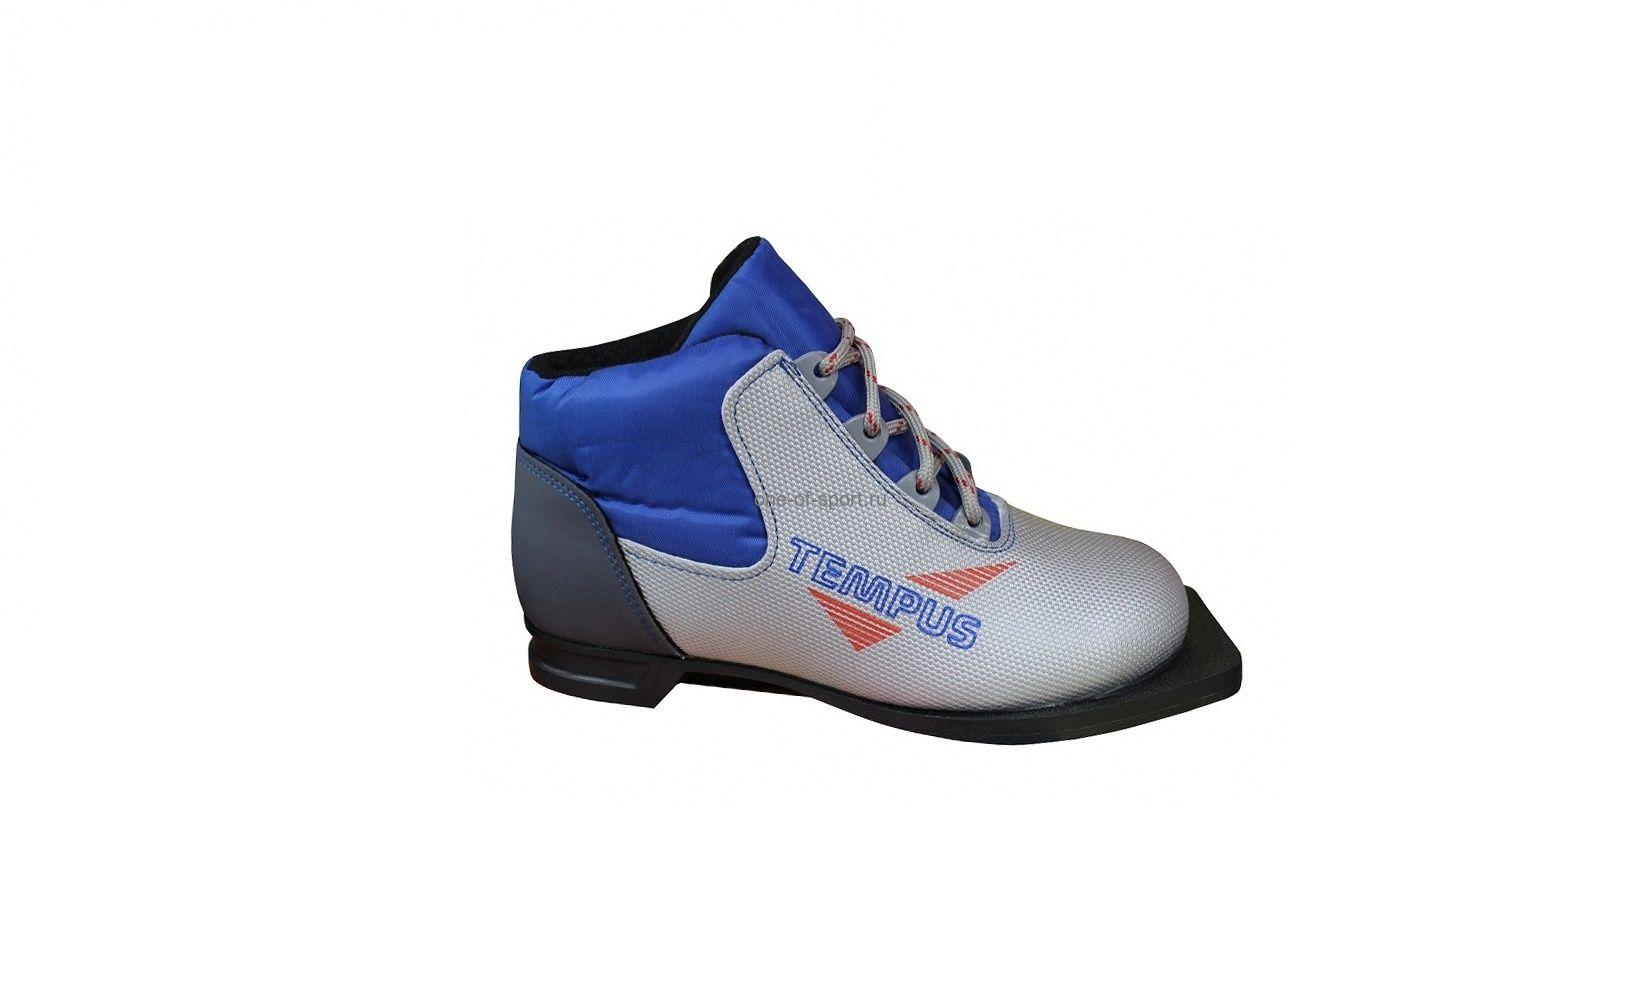 Ботинки лыжные Tempus 75 мм